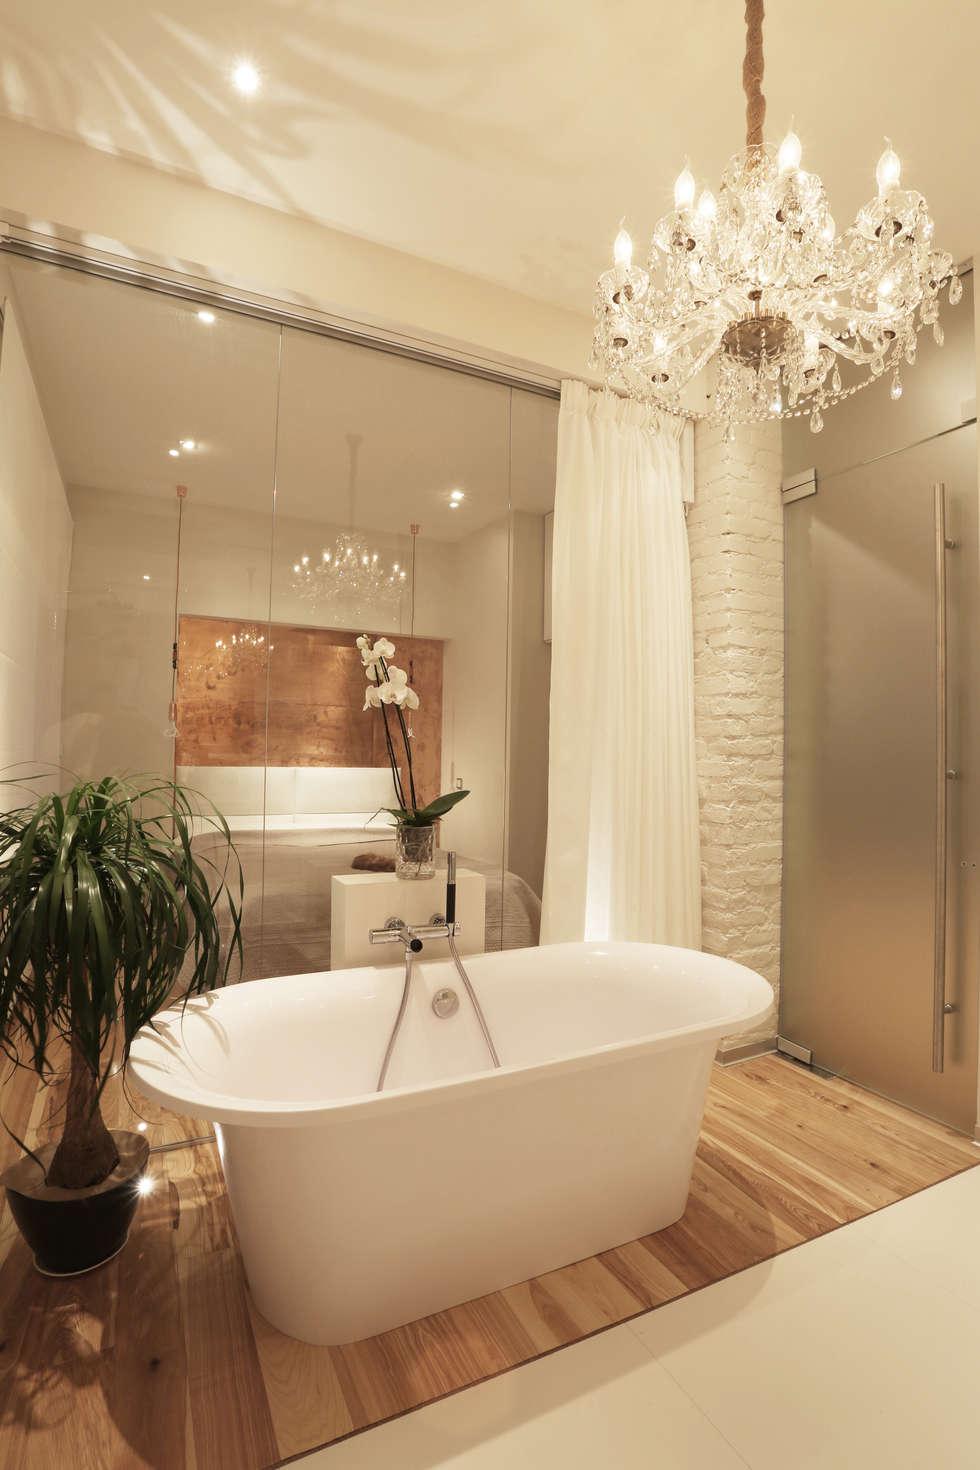 Ванна в колонном зале.: Ванные комнаты в . Автор – Double Room